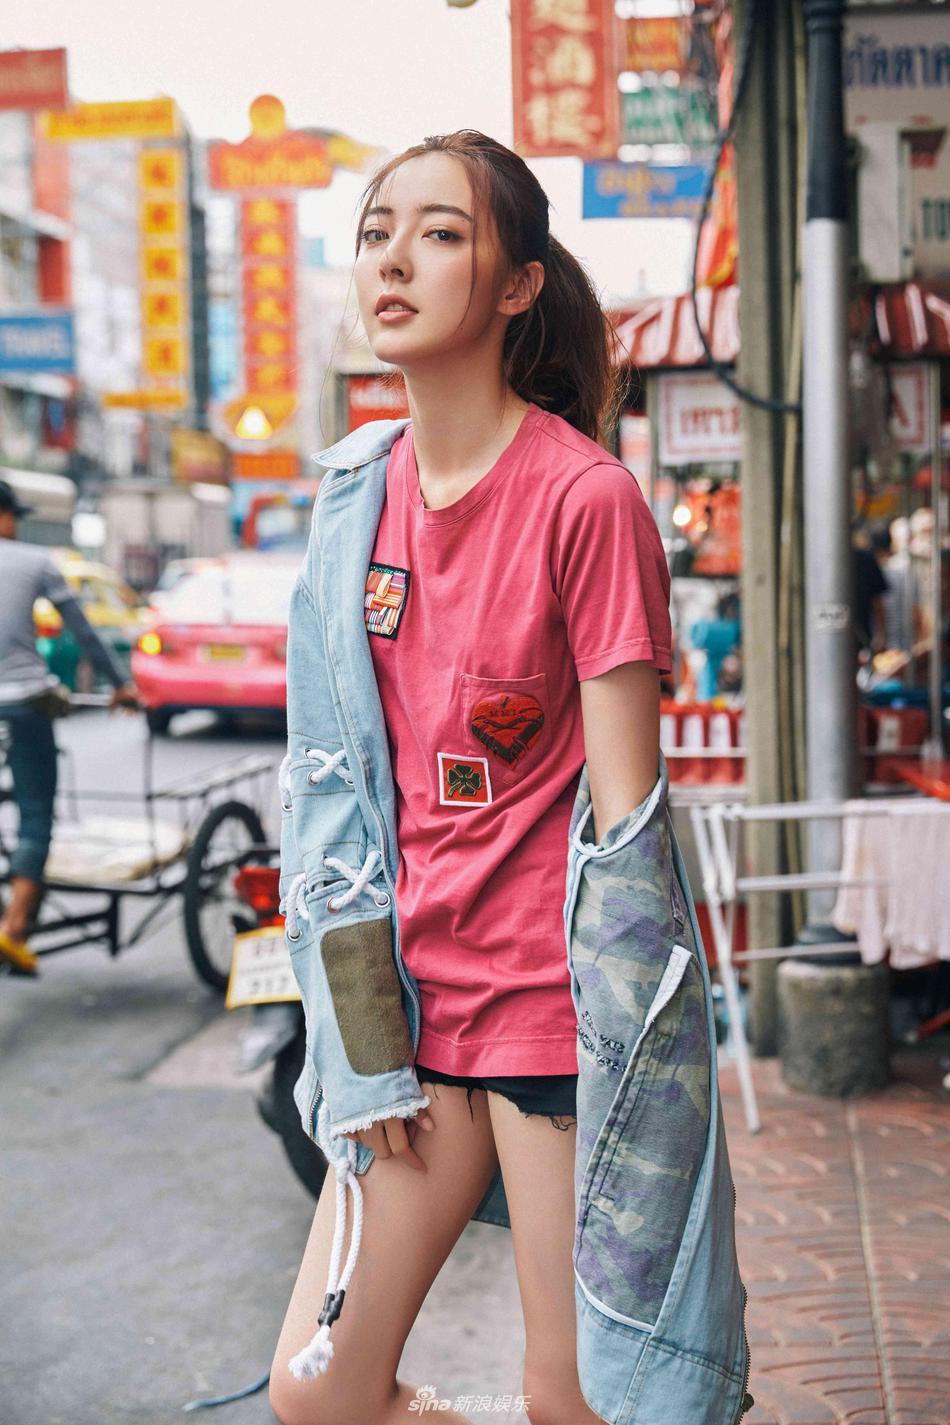 新浪娱乐讯 近日,米露的一组街头写真被曝光。粉色短袖看似平常,搭配浅色复古牛仔外套另有亮点,下身穿休闲短裤突出高挑身材,外加高马尾造型尽显俏皮可爱。与生俱来的时尚感和高挑修长的身材让她既能轻松掌握熟女风格,又能驾驭青春时尚造型。